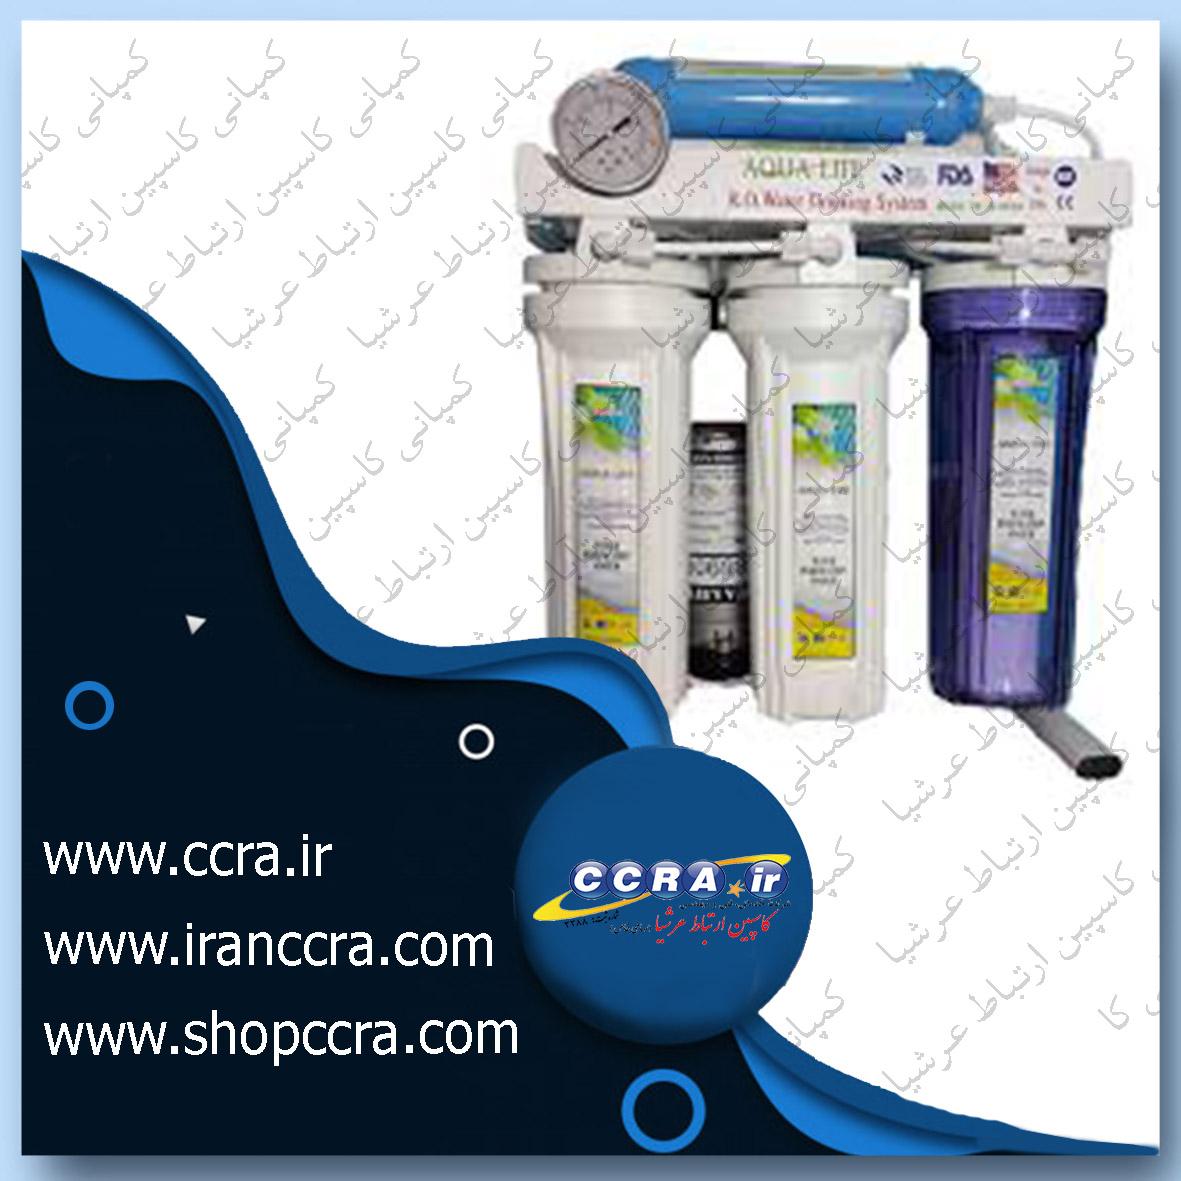 قیمت دستگاه های تصفیه آب خانگی آکوا لایف aqua life